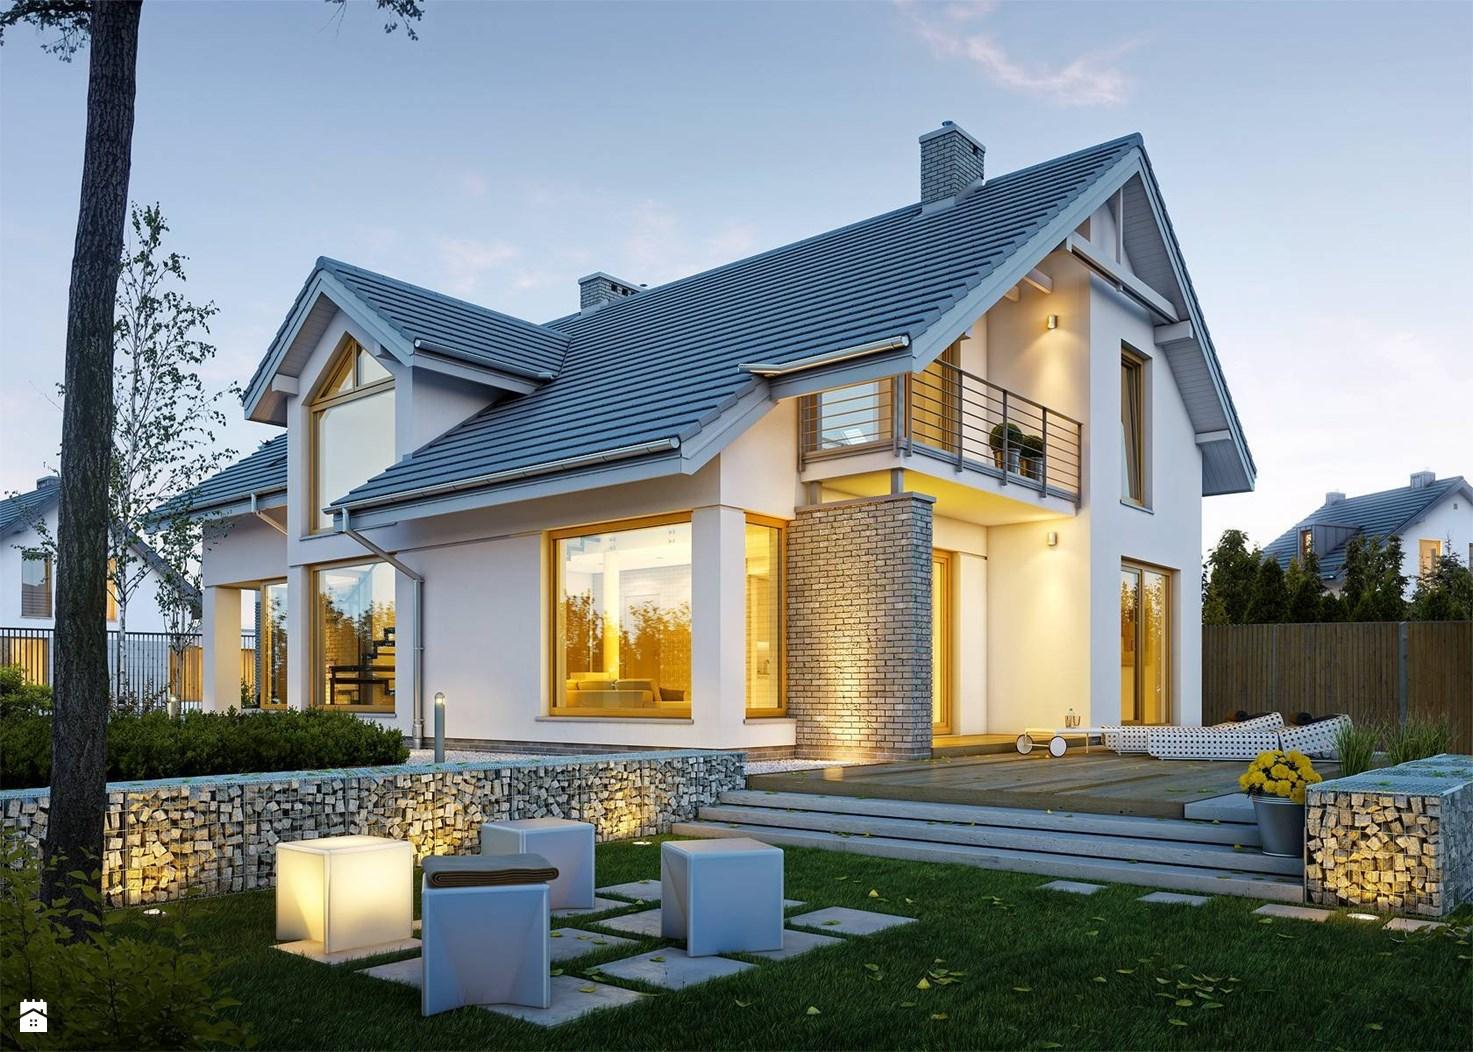 смотреть фото красивых проектов домов чтобы ваше чадо